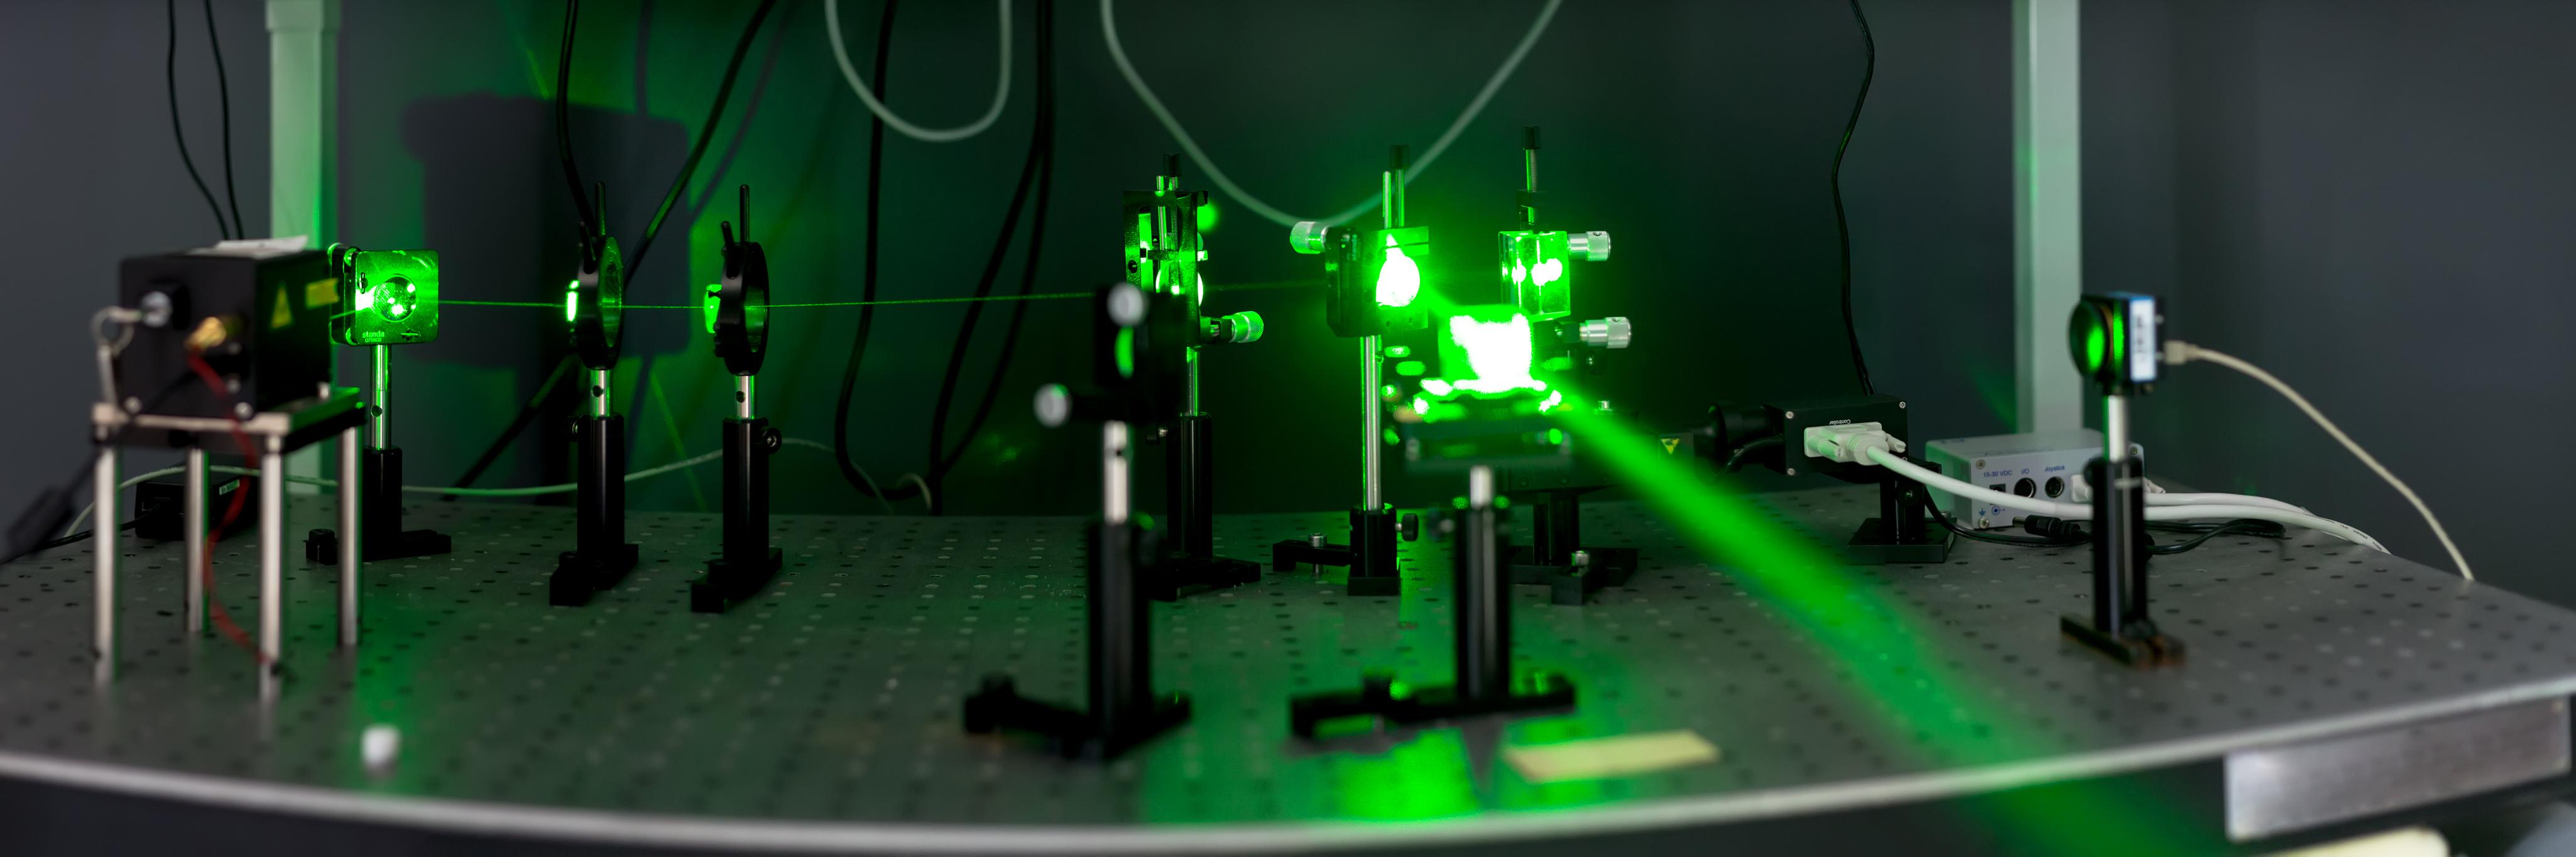 Green fiber laser.